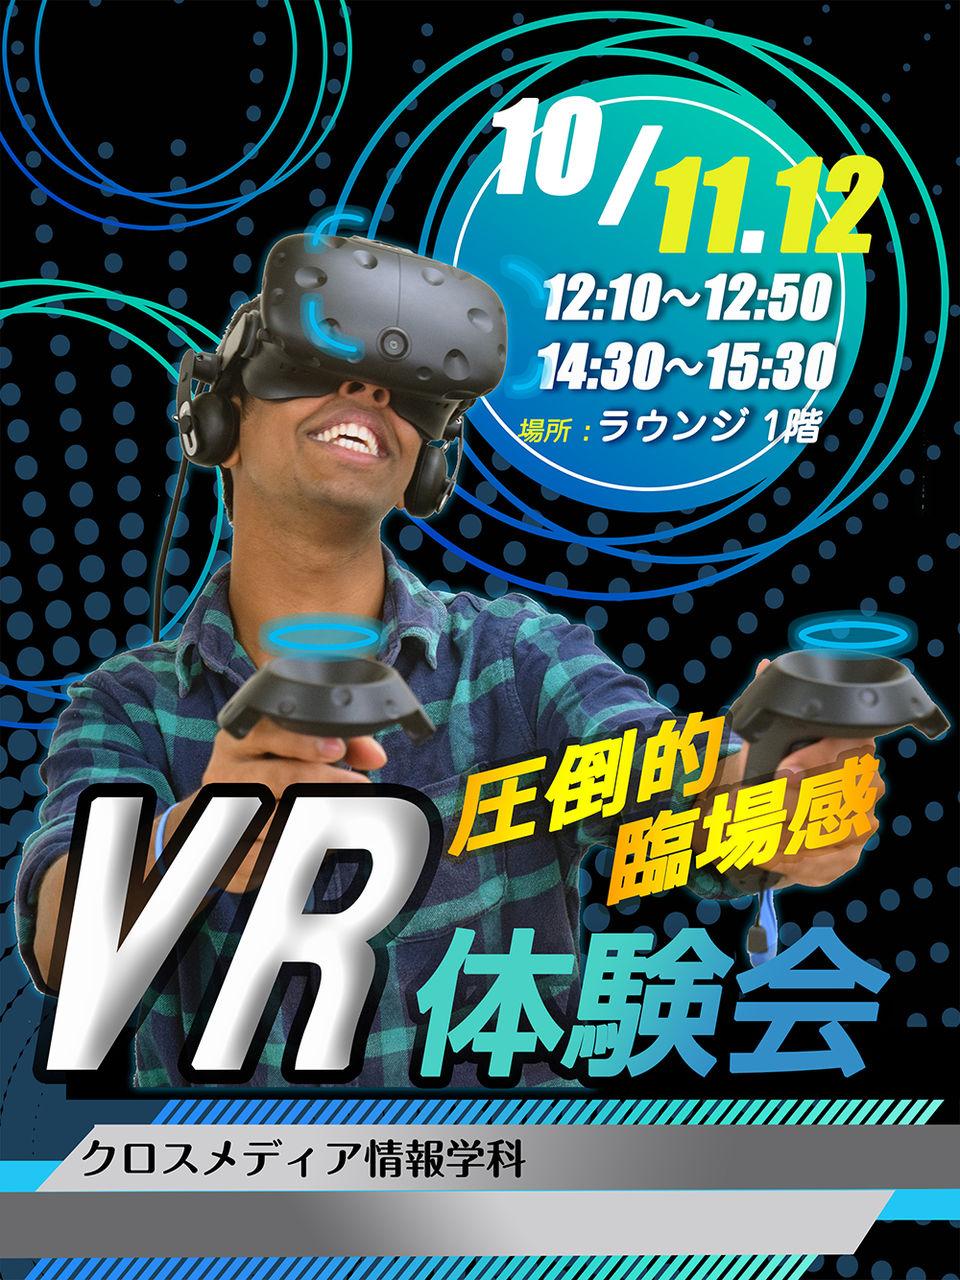 VRポスター